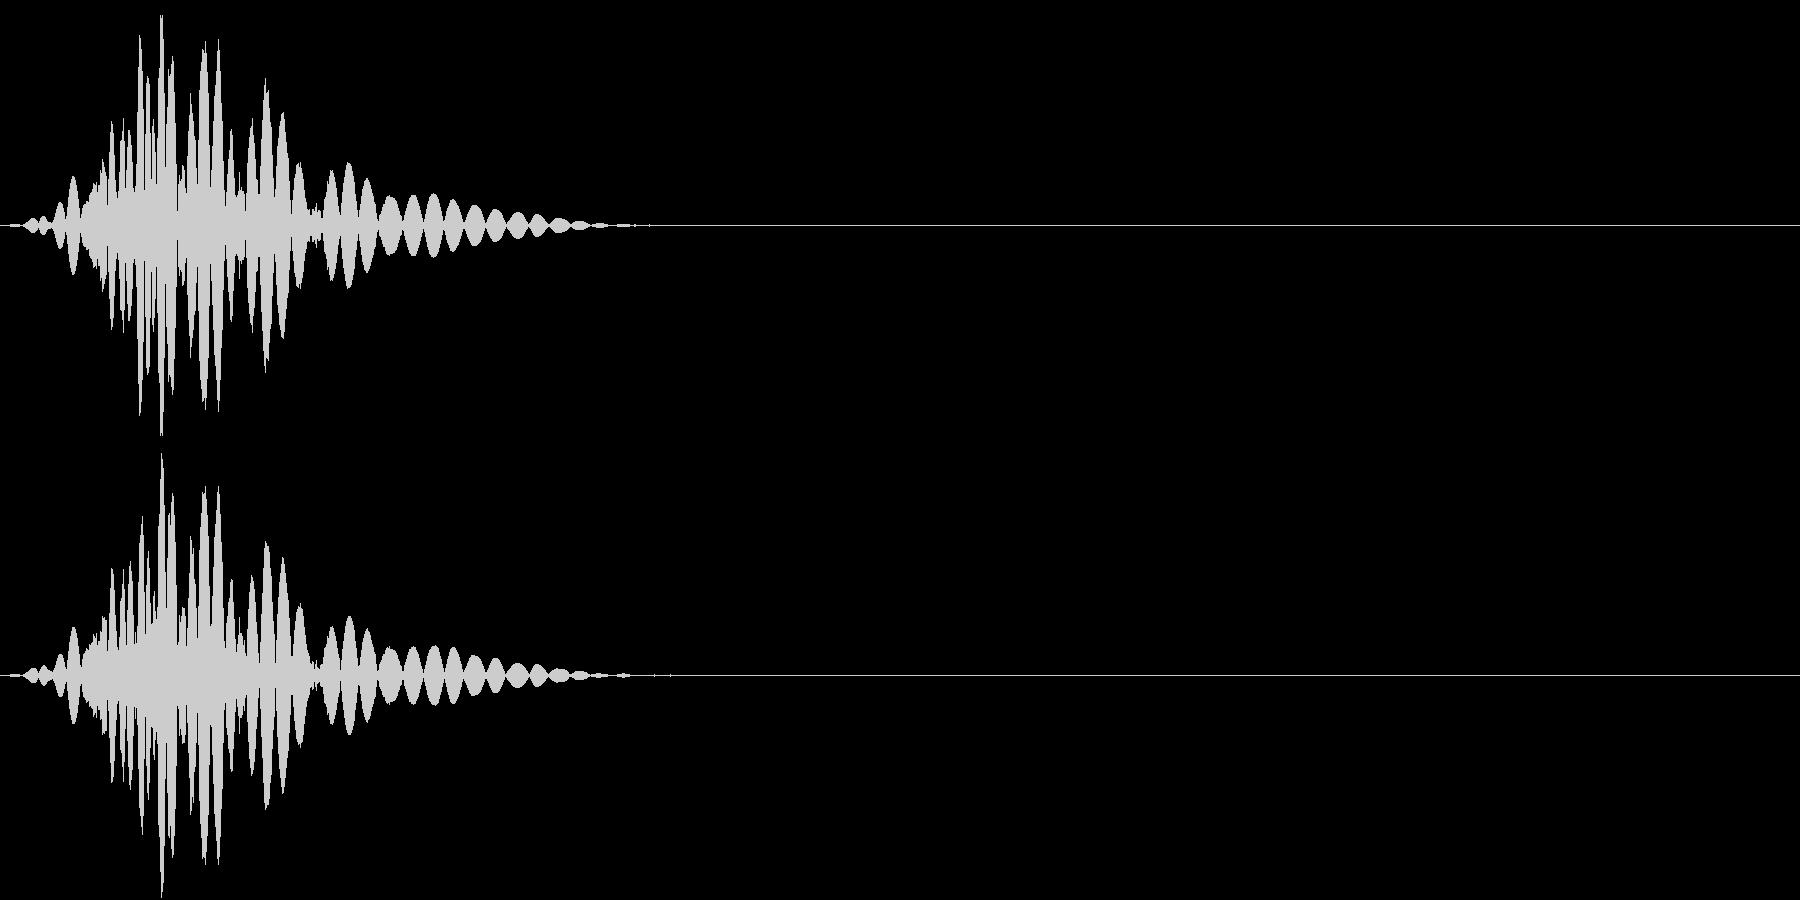 KAKUGE 格闘ゲーム戦闘音 62の未再生の波形